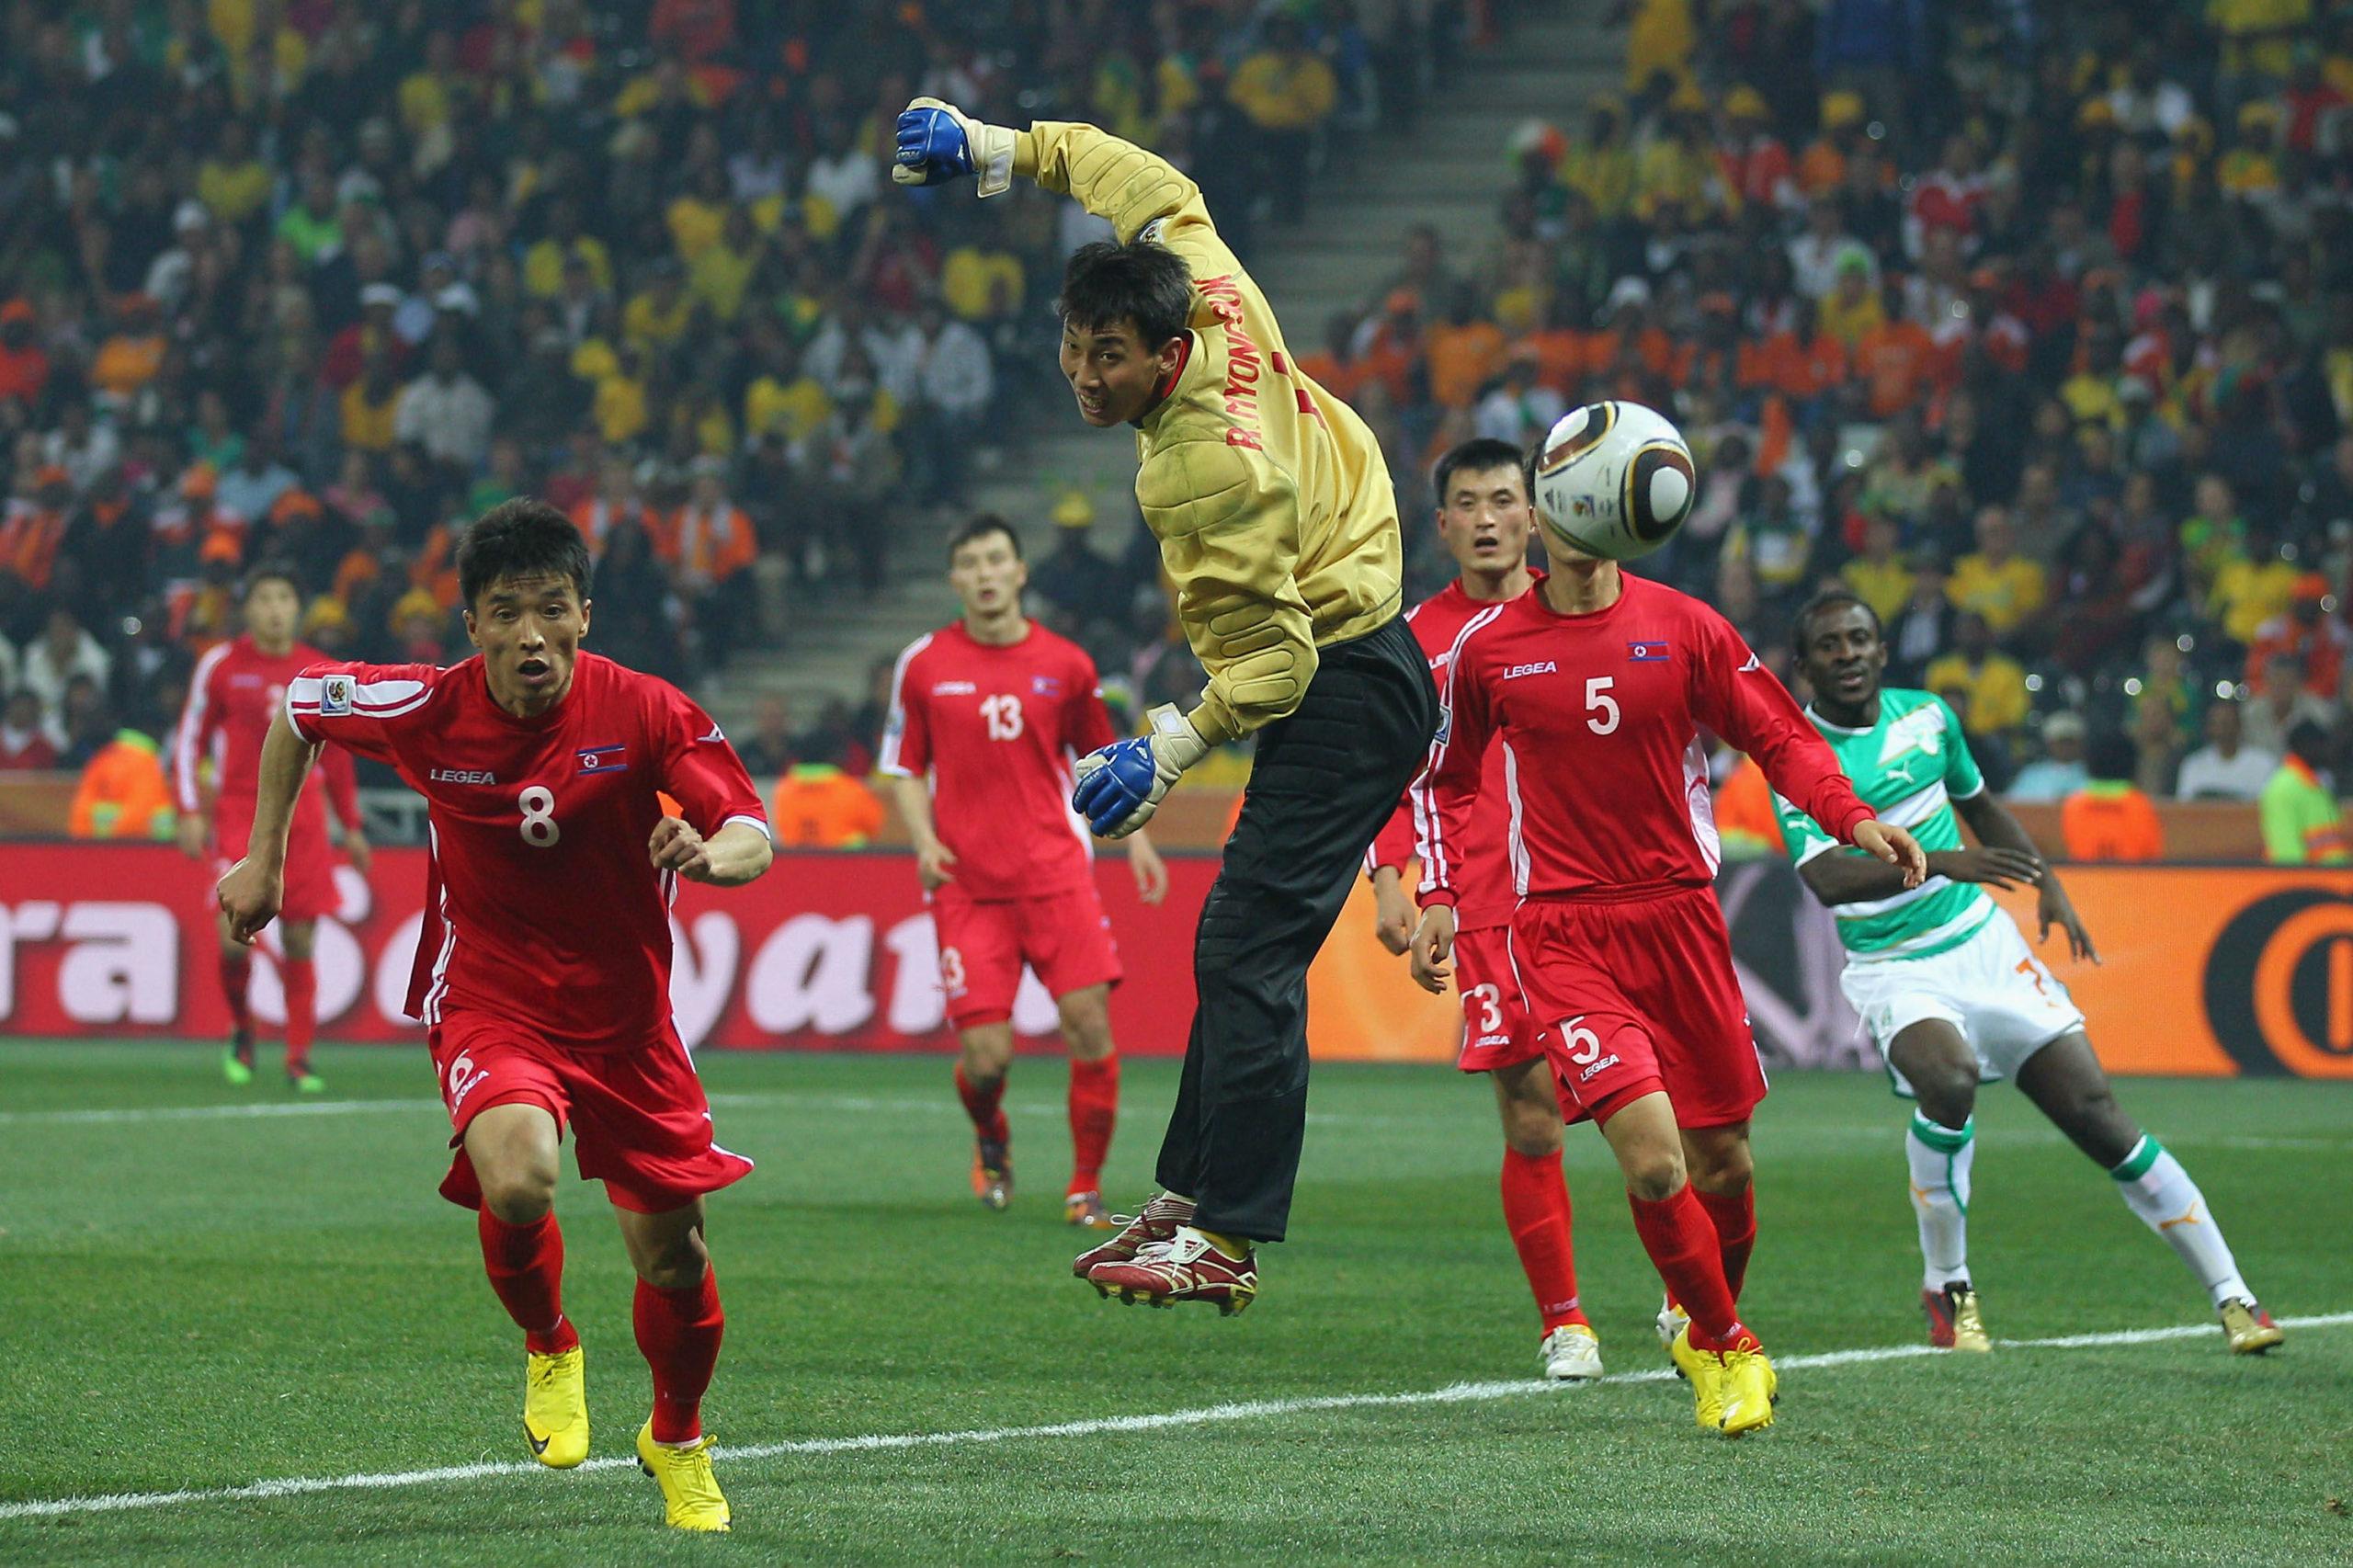 North Korean teams playing soccer